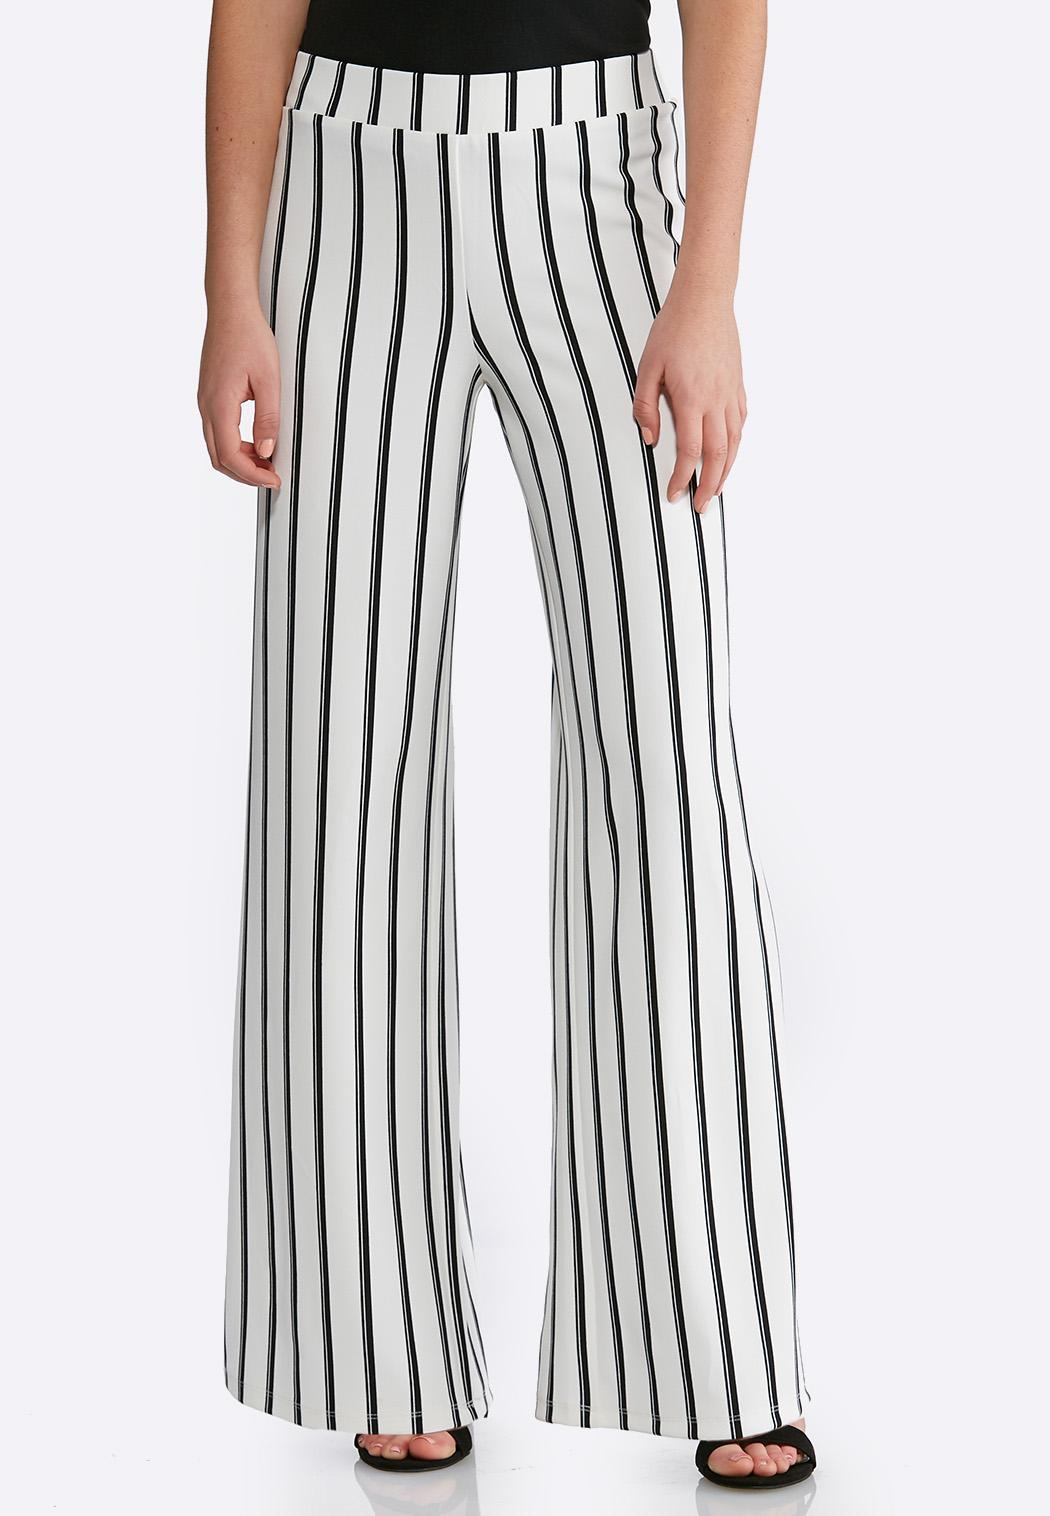 335ebc4a91f5f4 Striped Palazzo Pants Pants Cato Fashions